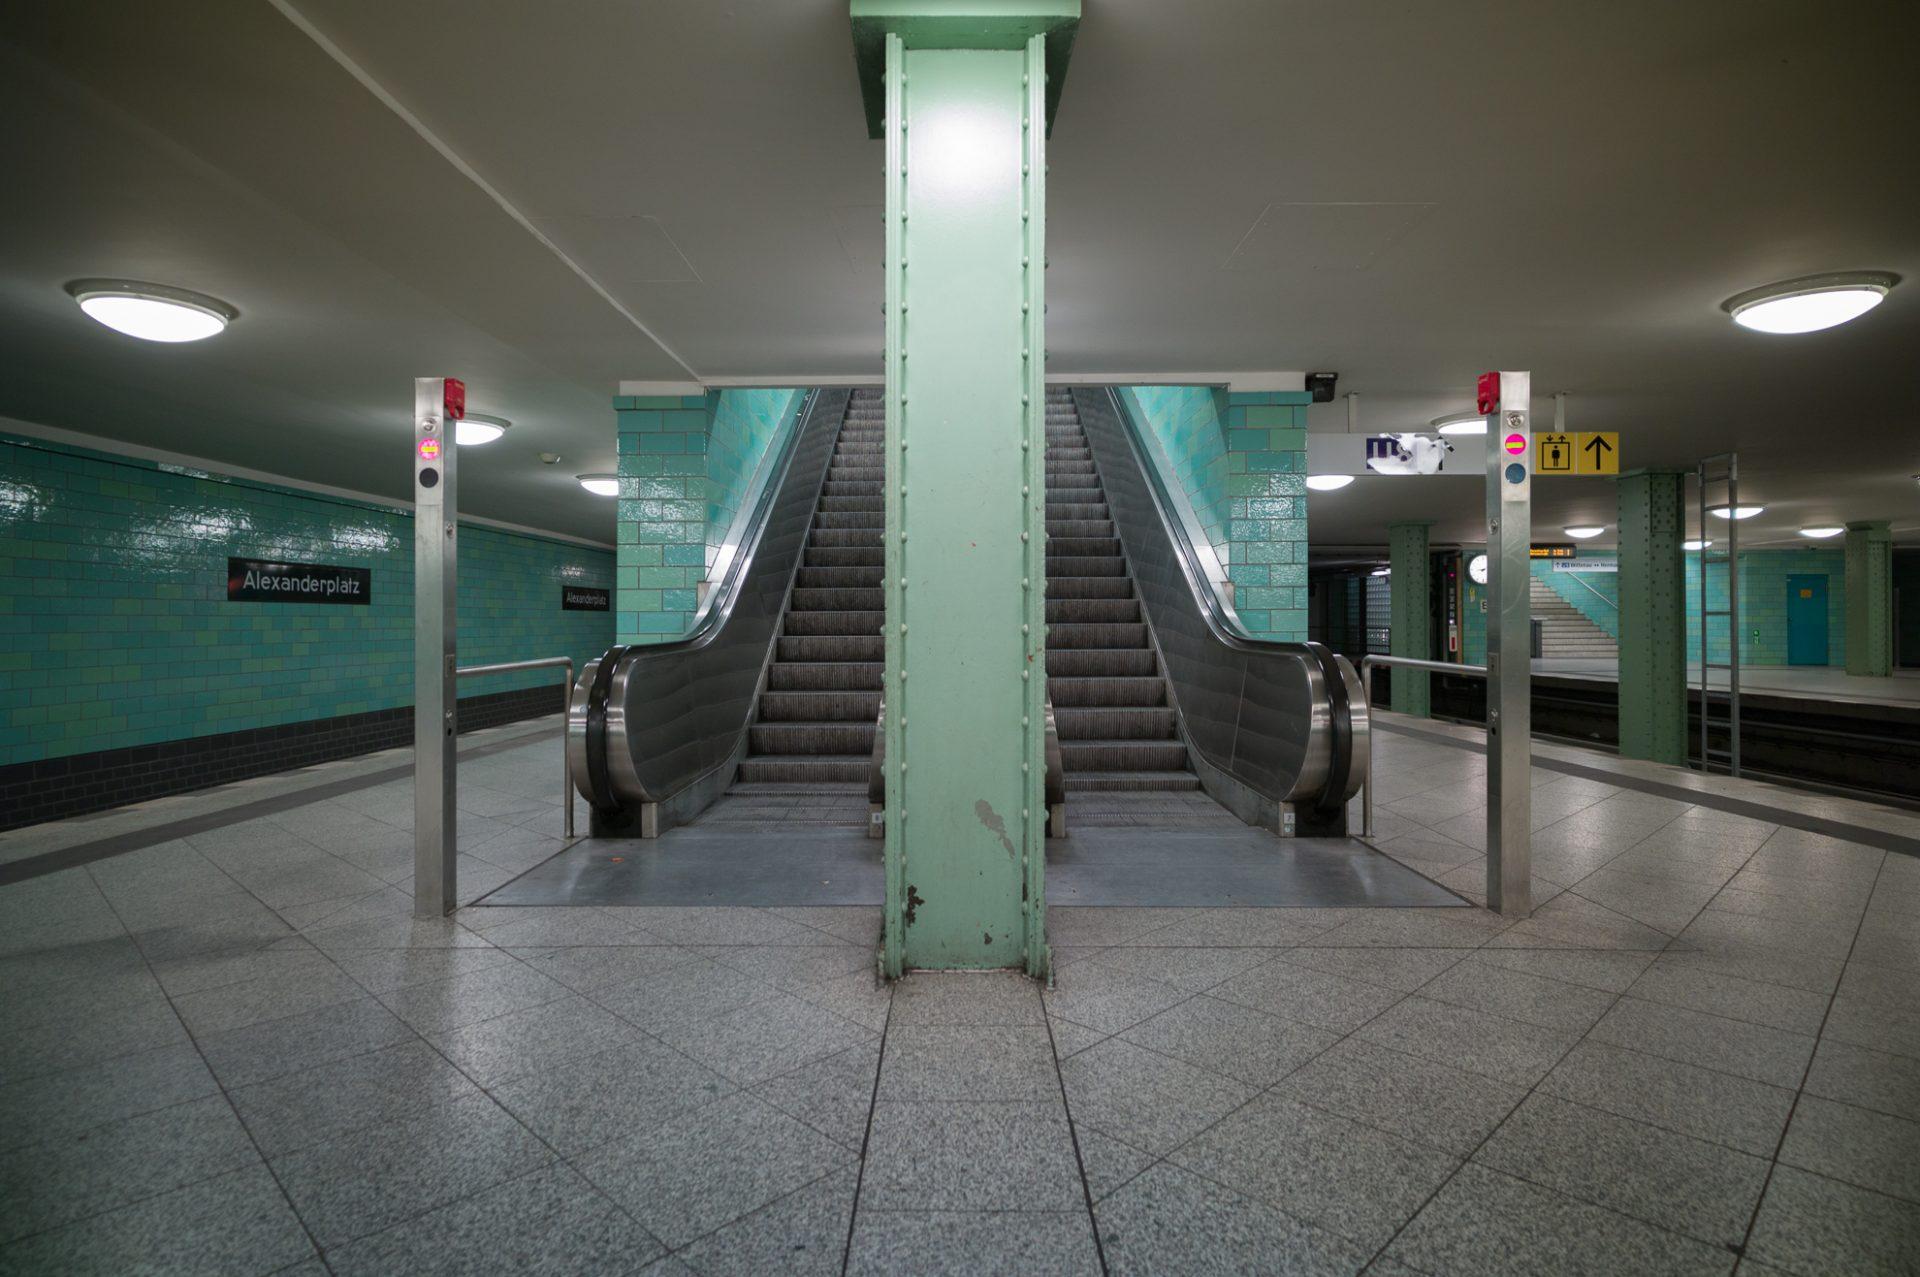 u5_alexanderplatz (6 von 6)